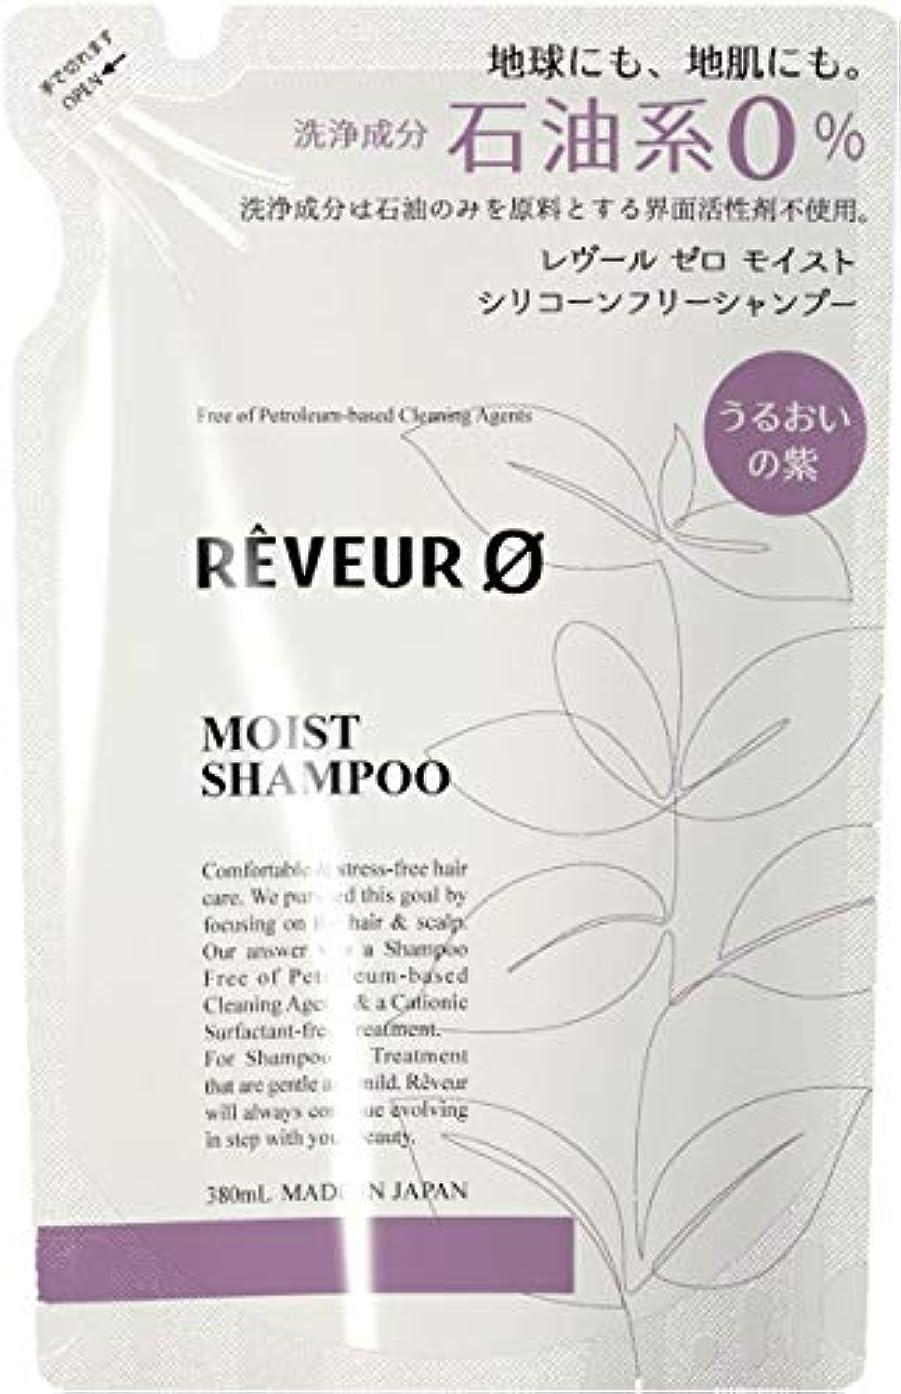 該当する十一水没【3個セット】Reveur0(レヴール ゼロ) モイスト シリコーンフリー シャンプー 〈詰替〉 (380mL)